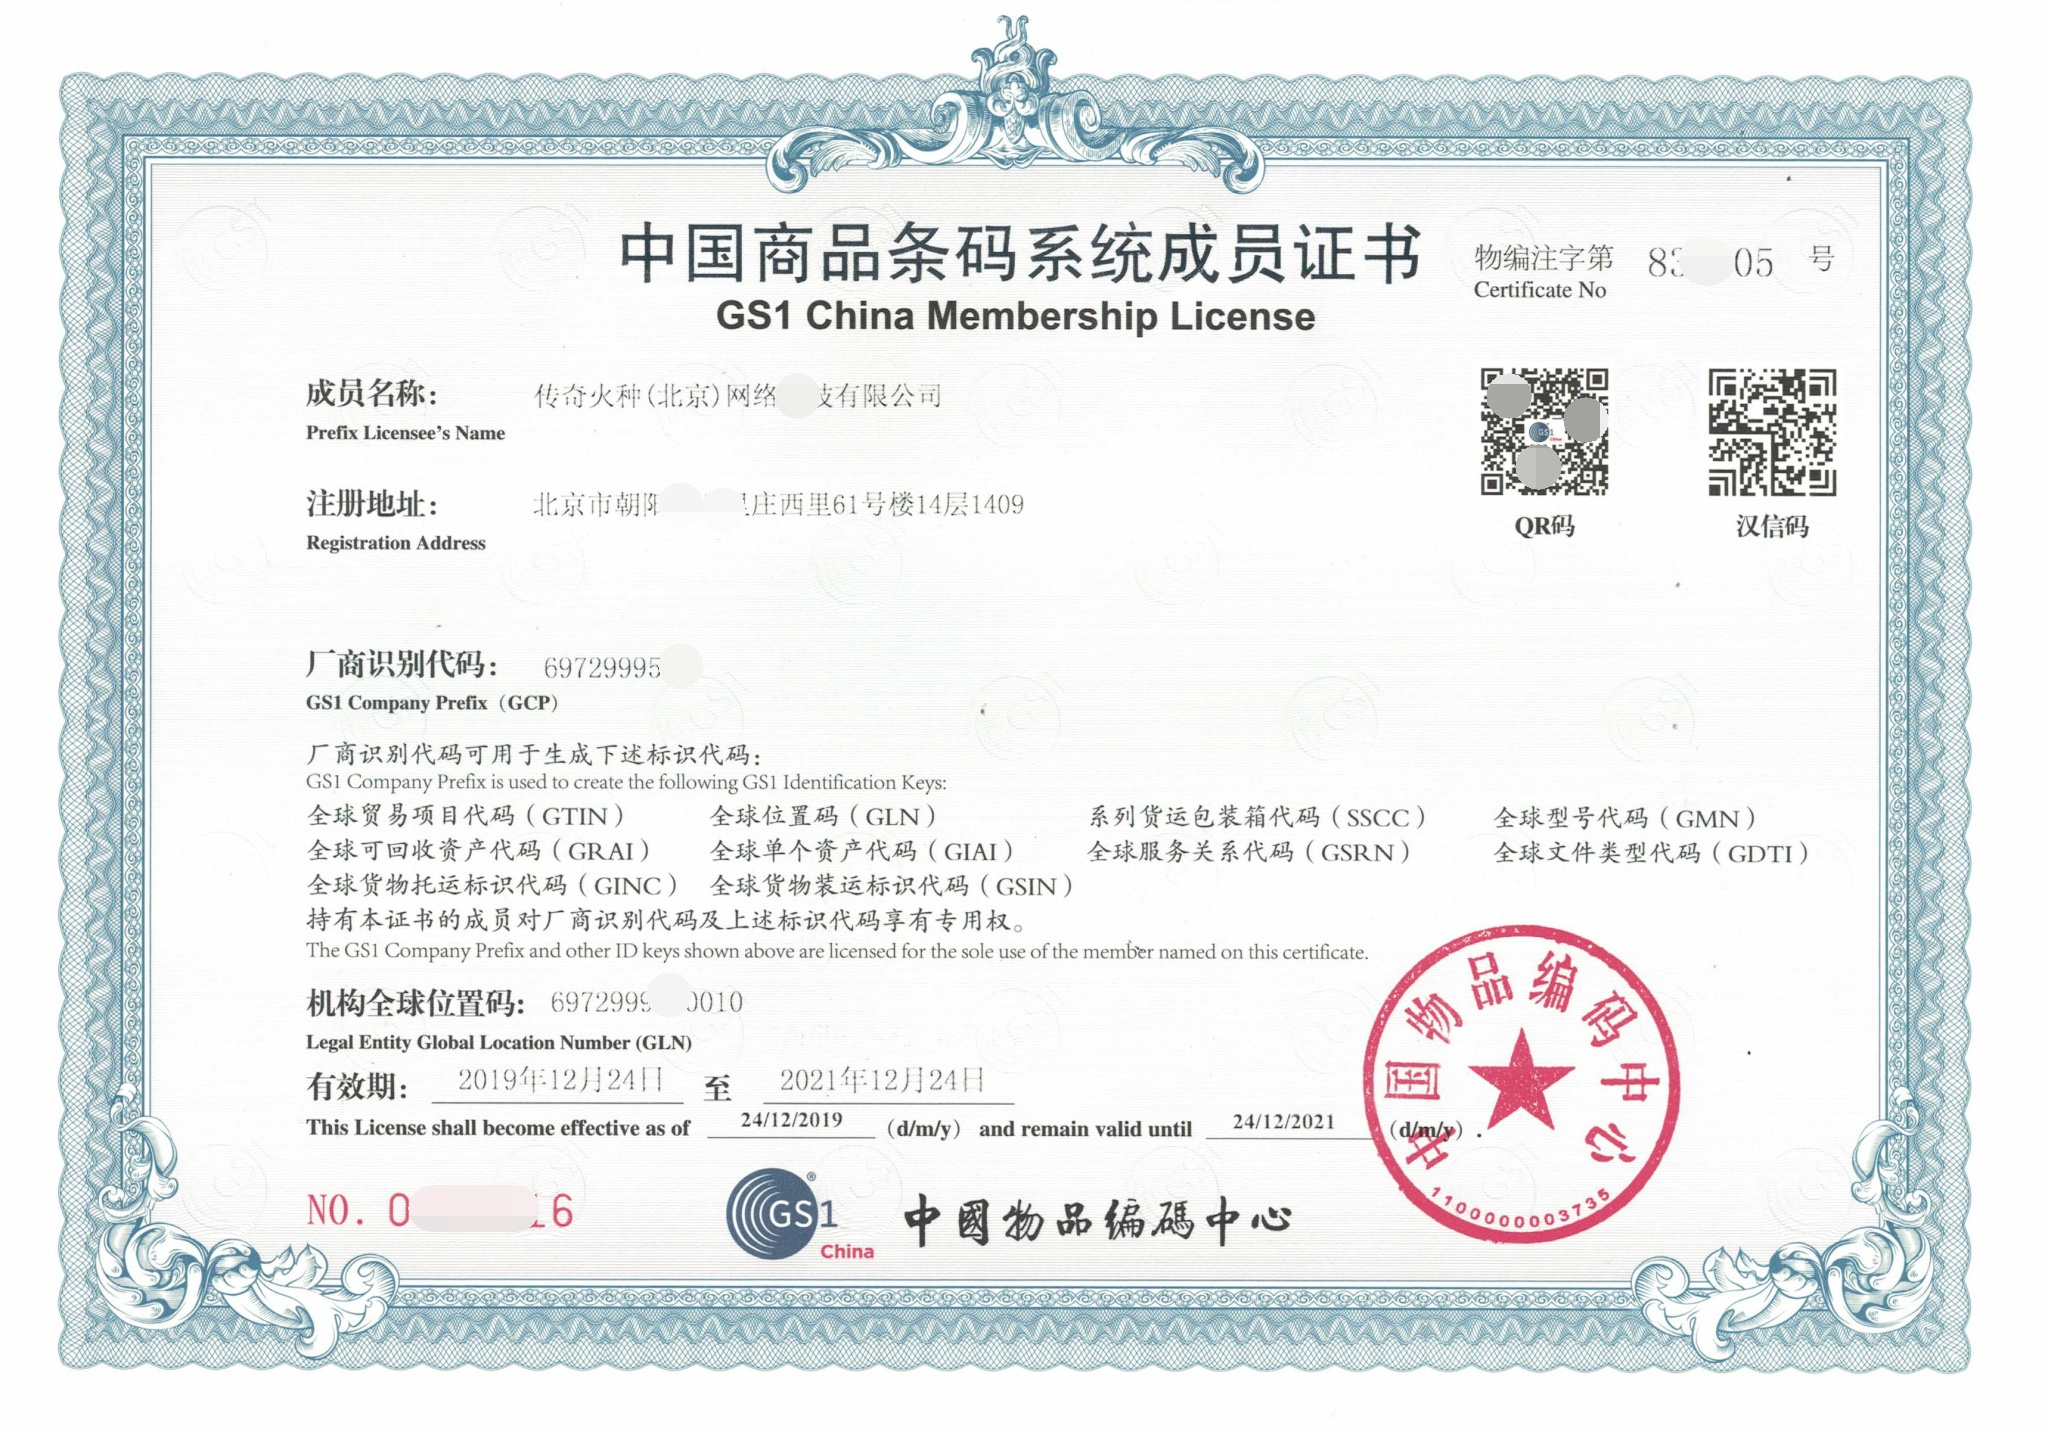 代办全国商品条形码申请包装条形码注册超市69条形码办理产品条码